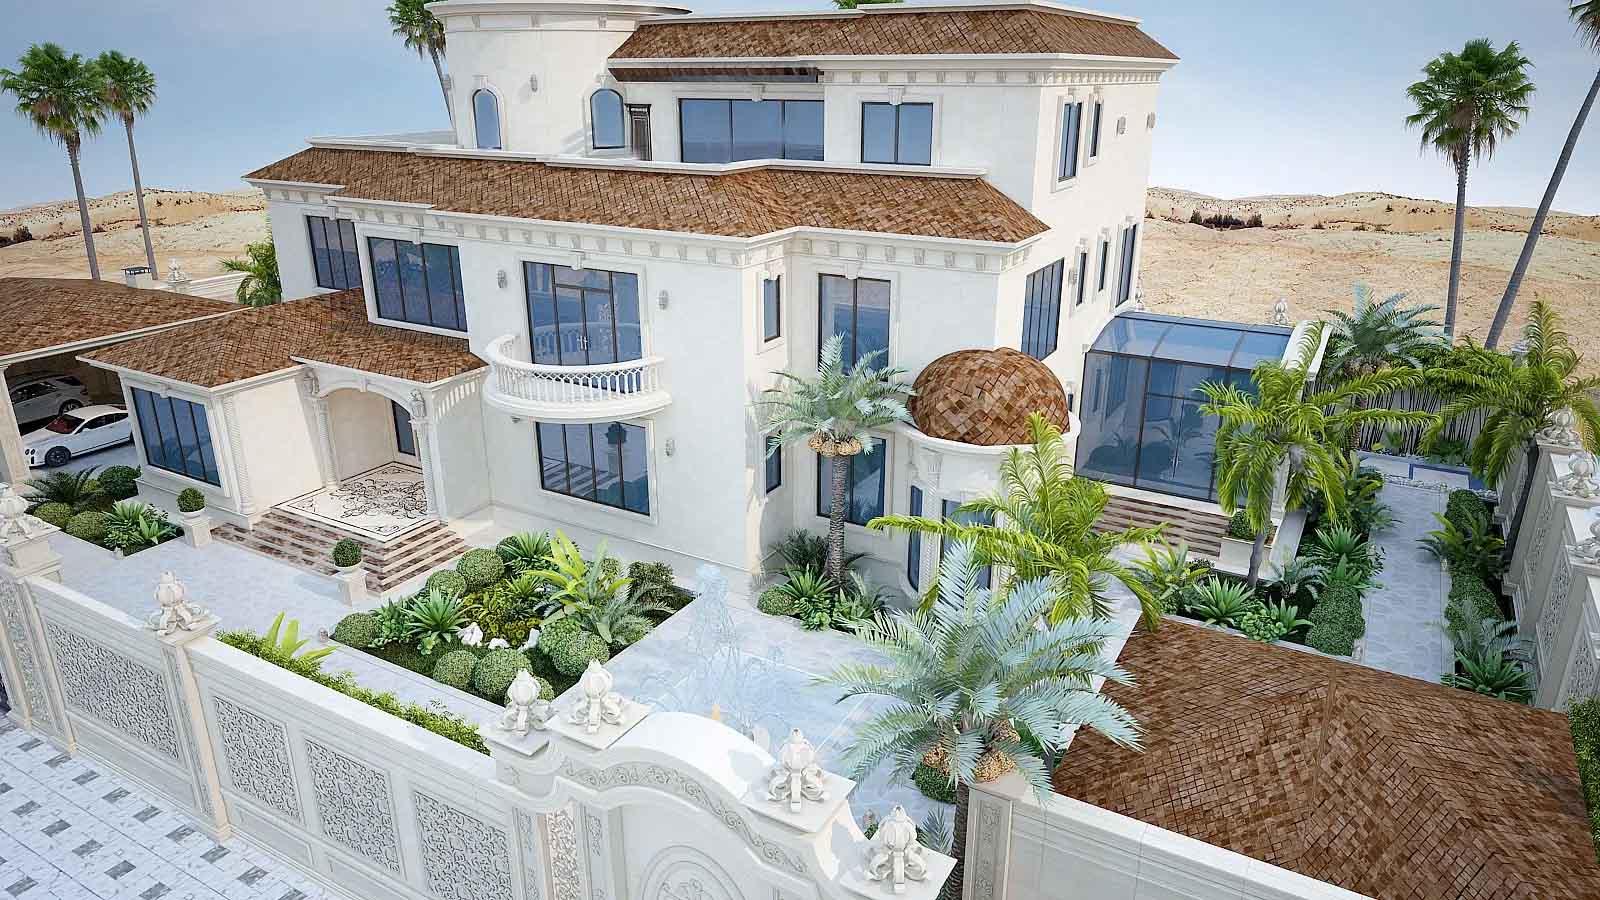 thiết kế biệt thự phong cách Trung Đông